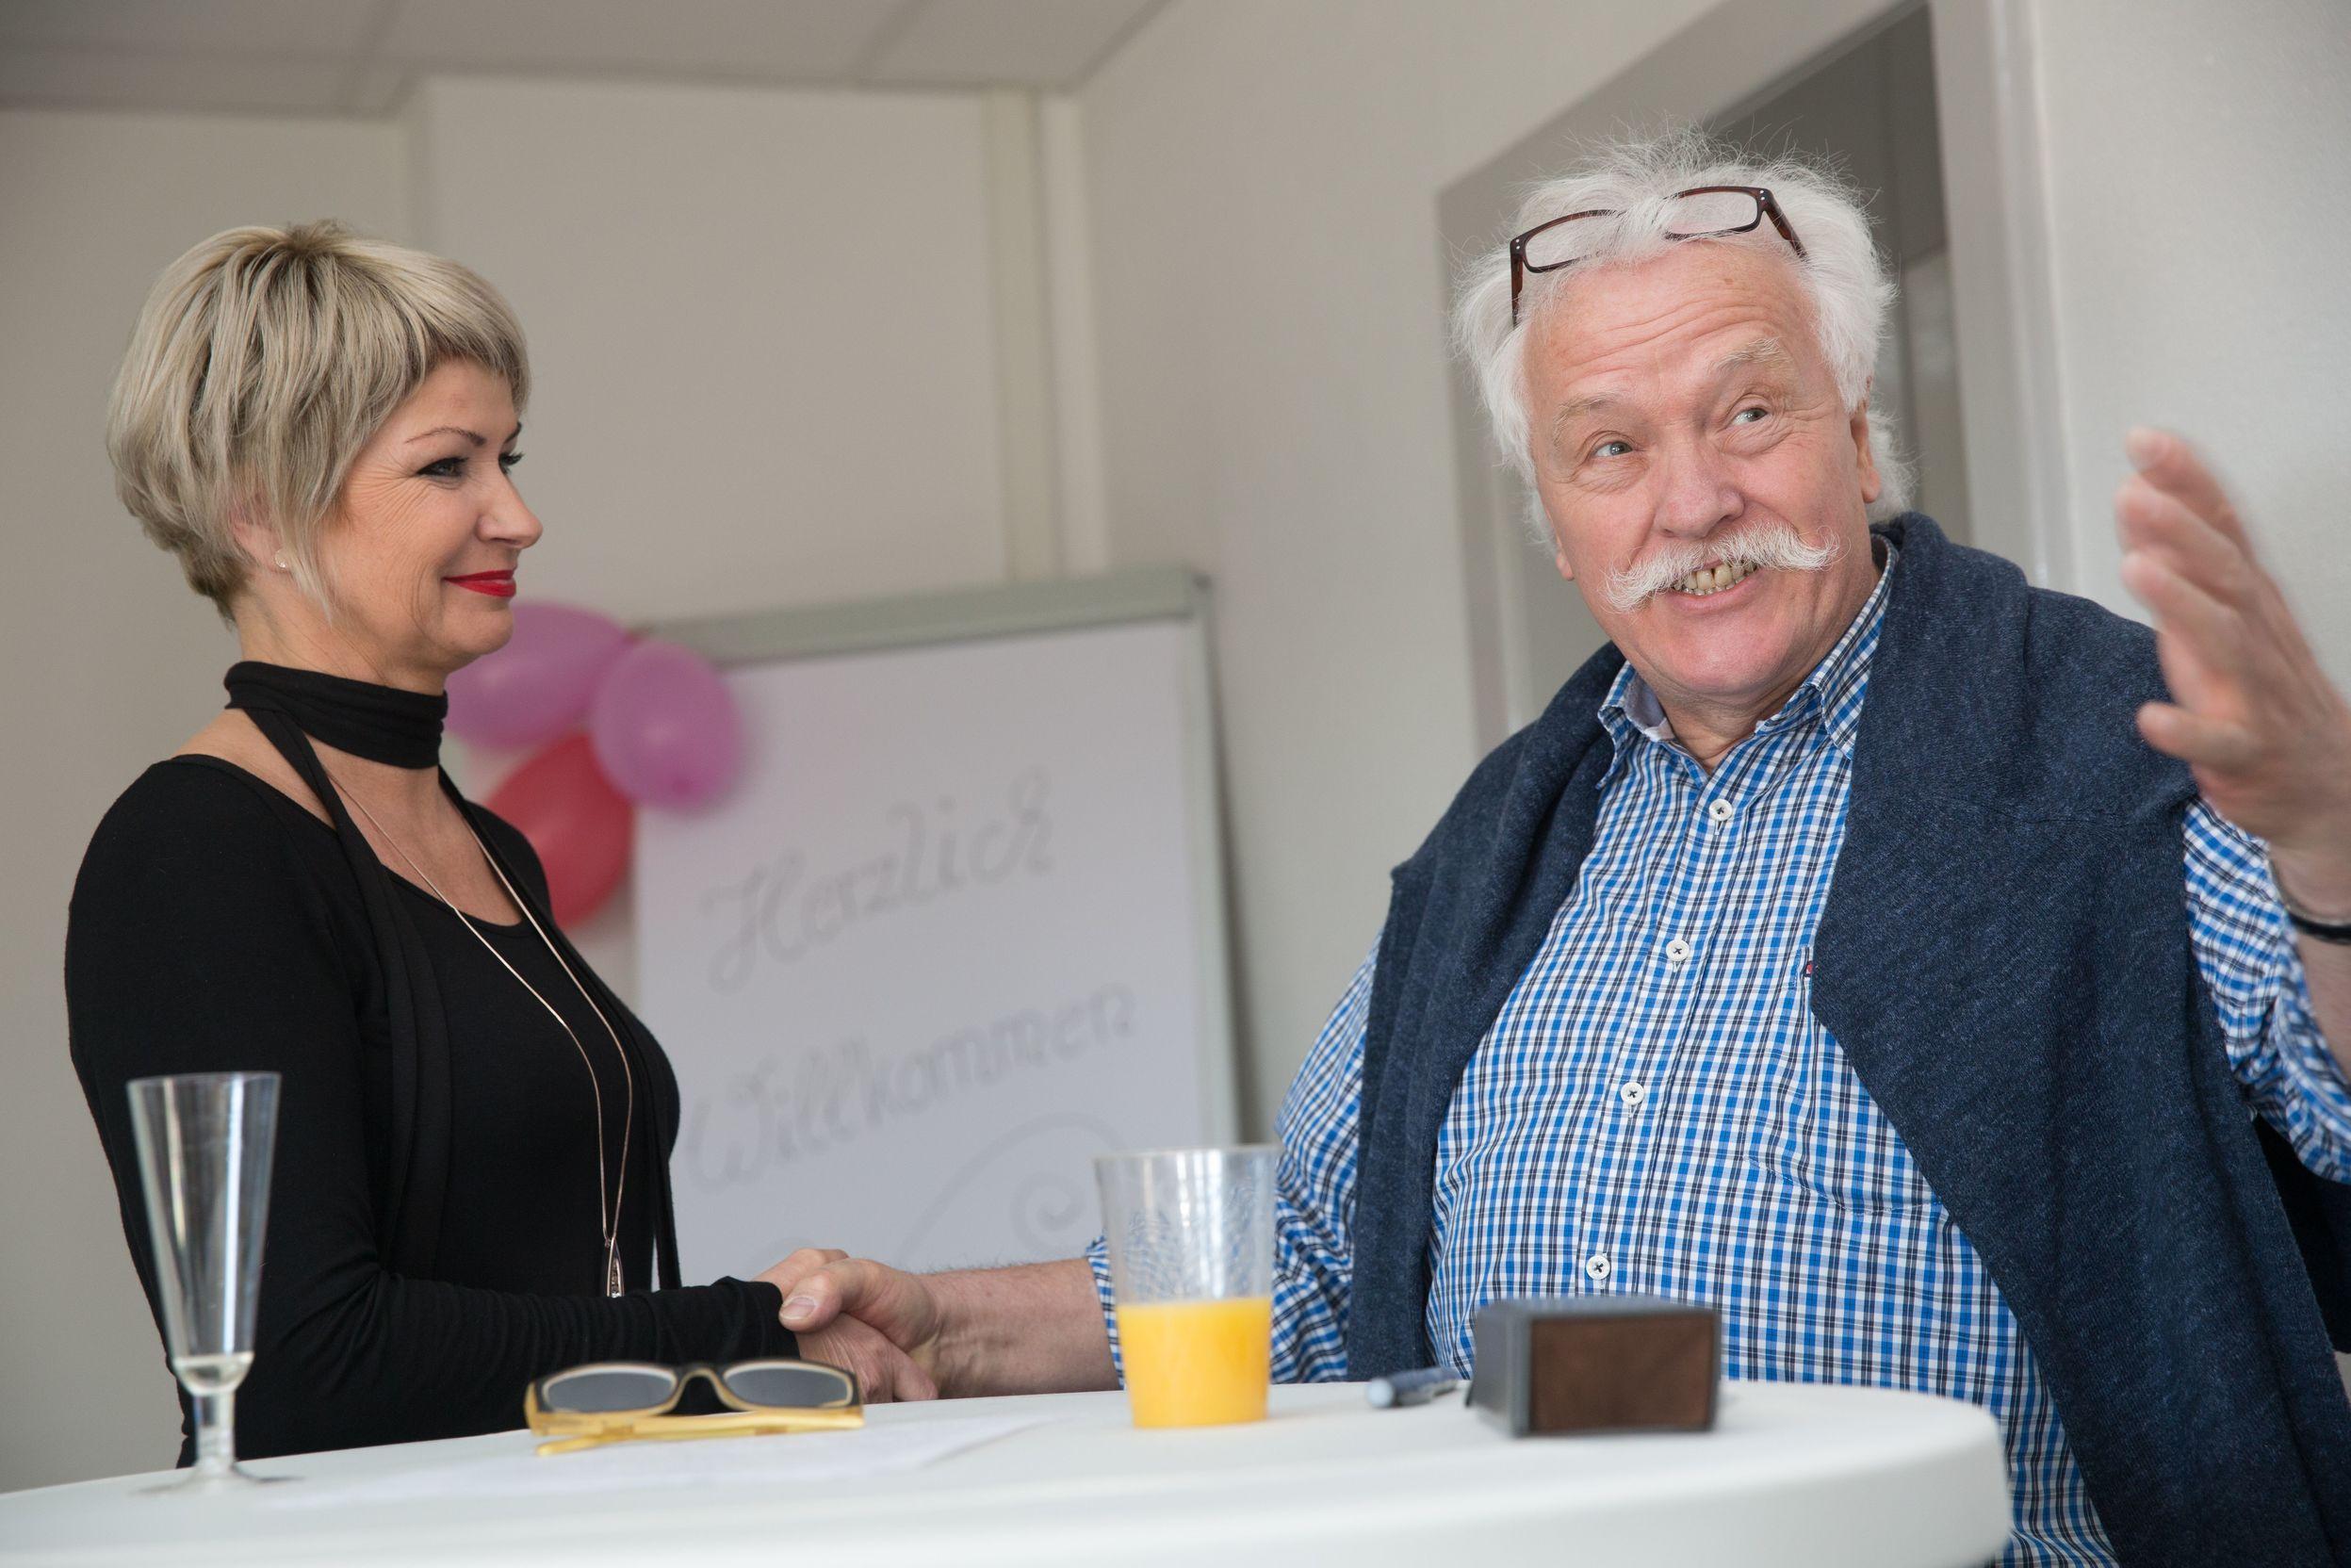 Friseur-Innung Westfalen-Süd: Neuigkeiten